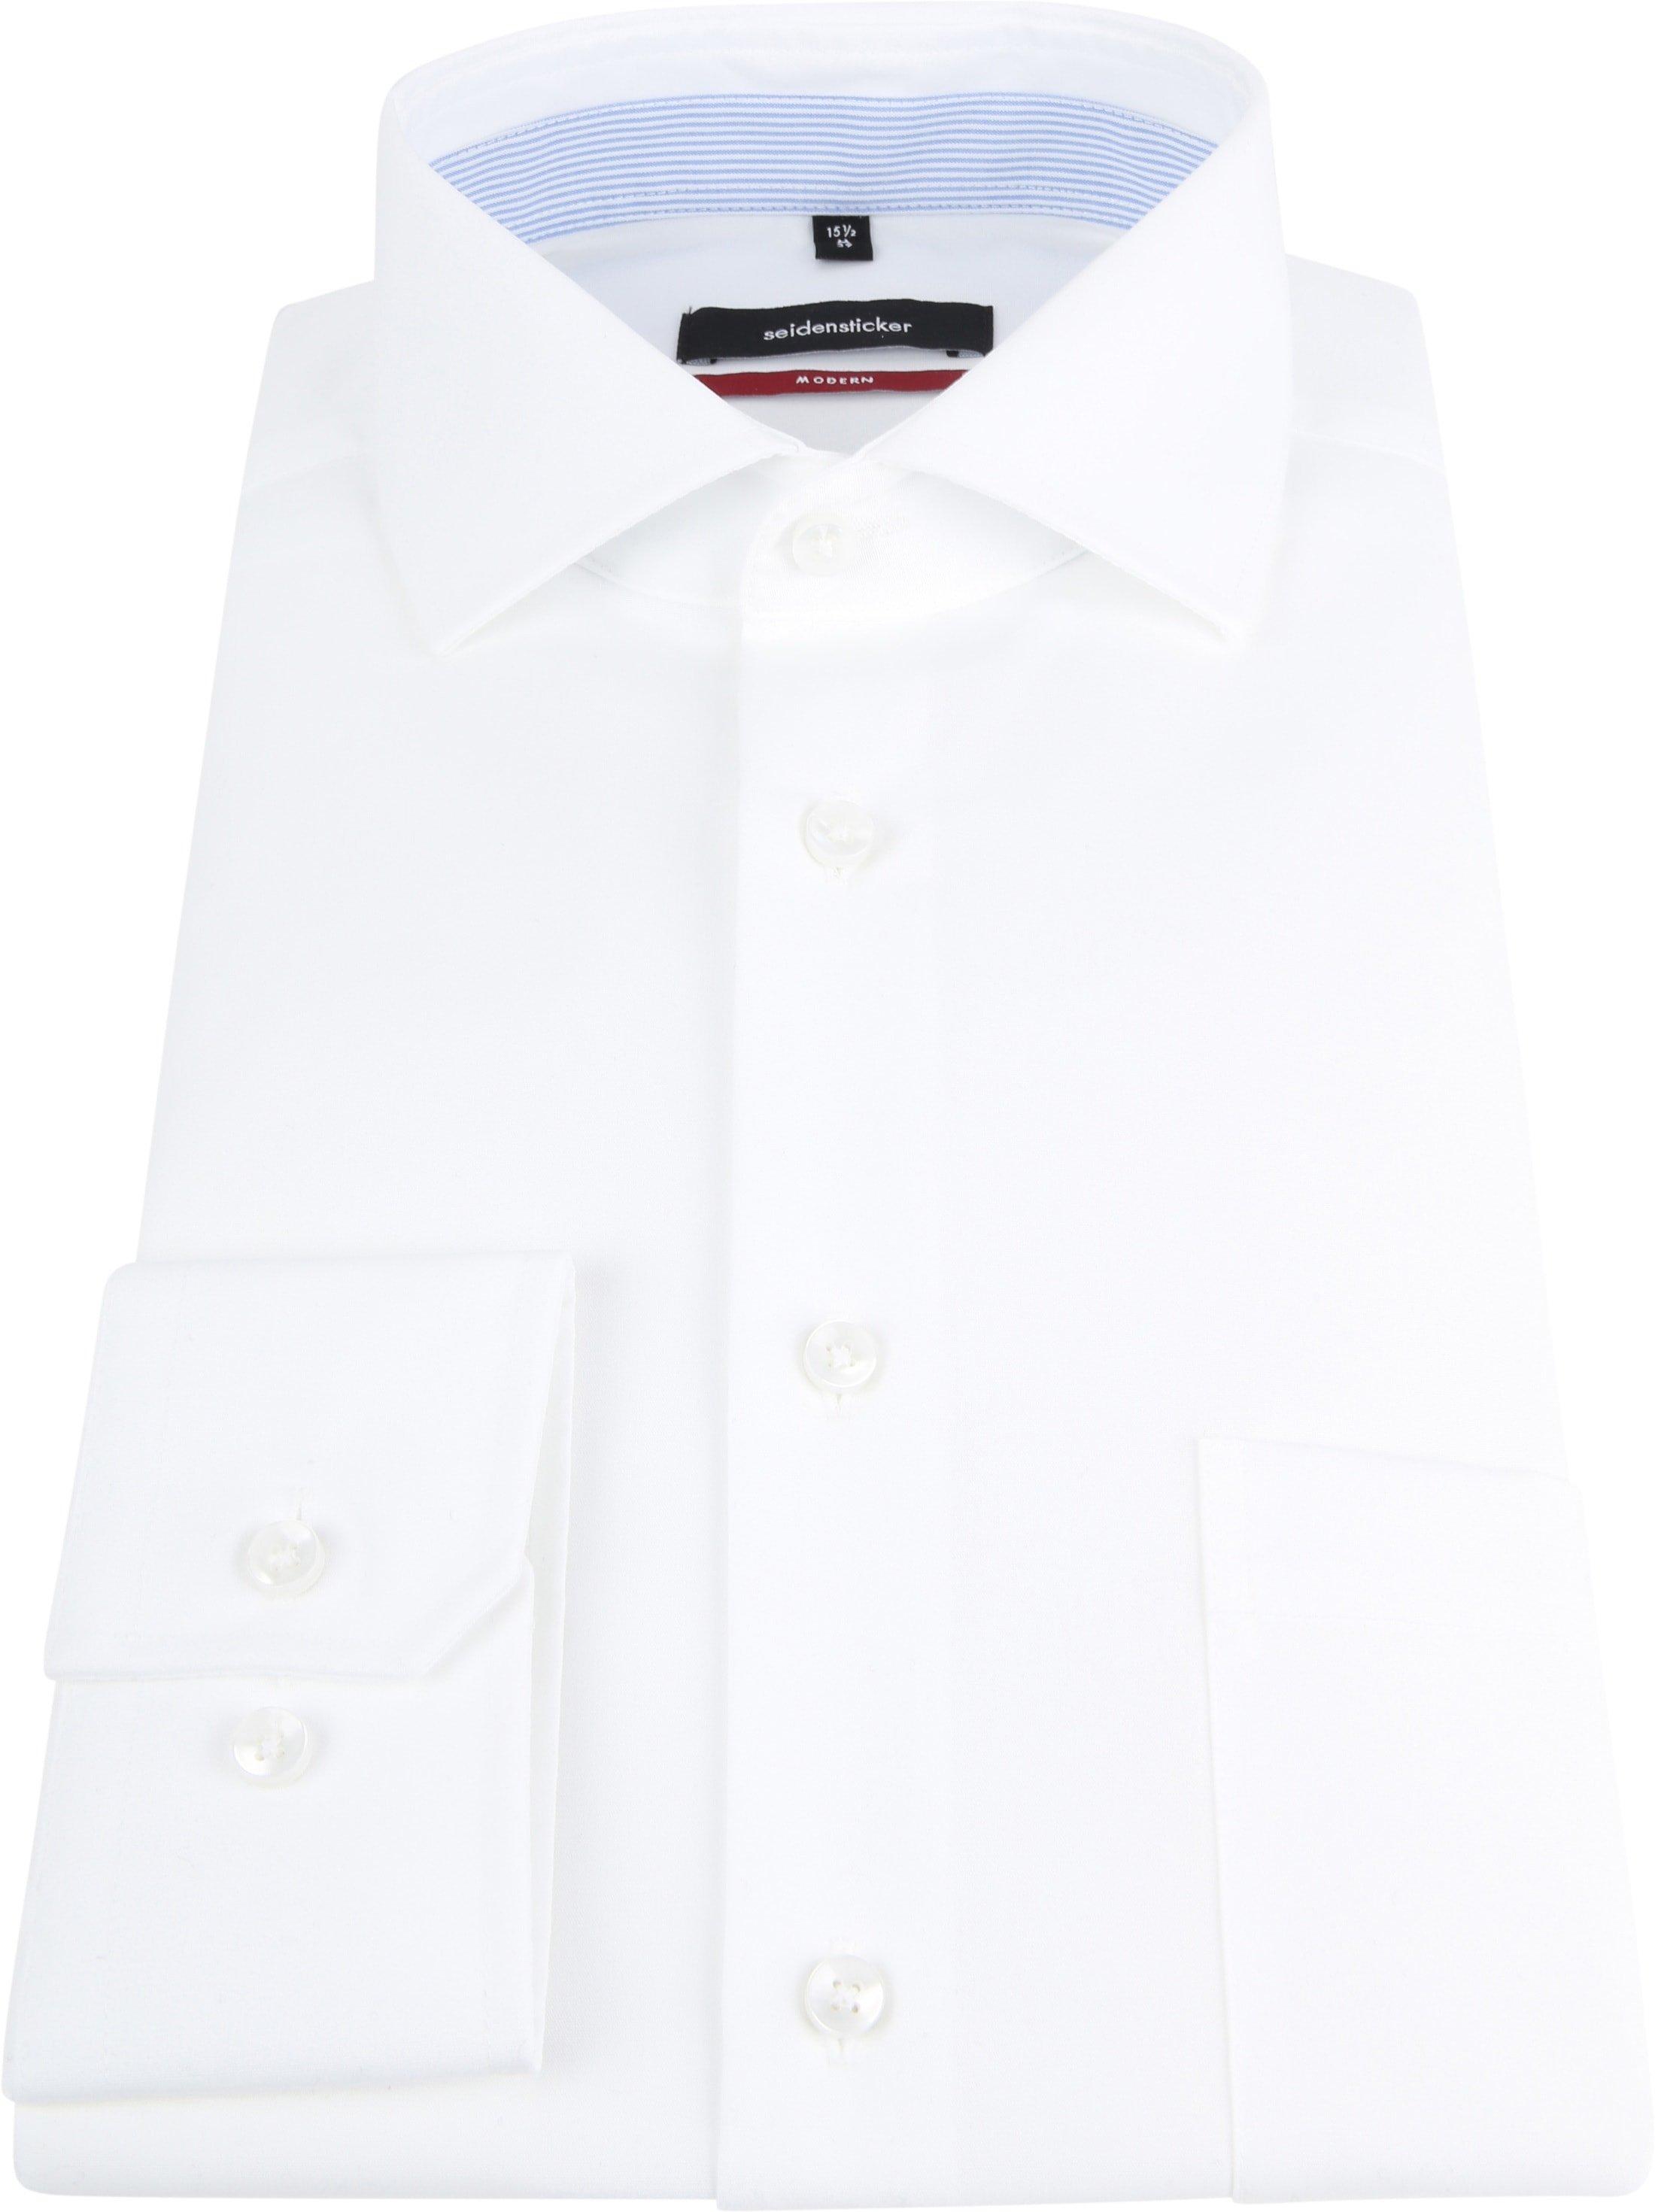 Seidensticker Shirt White MF foto 2